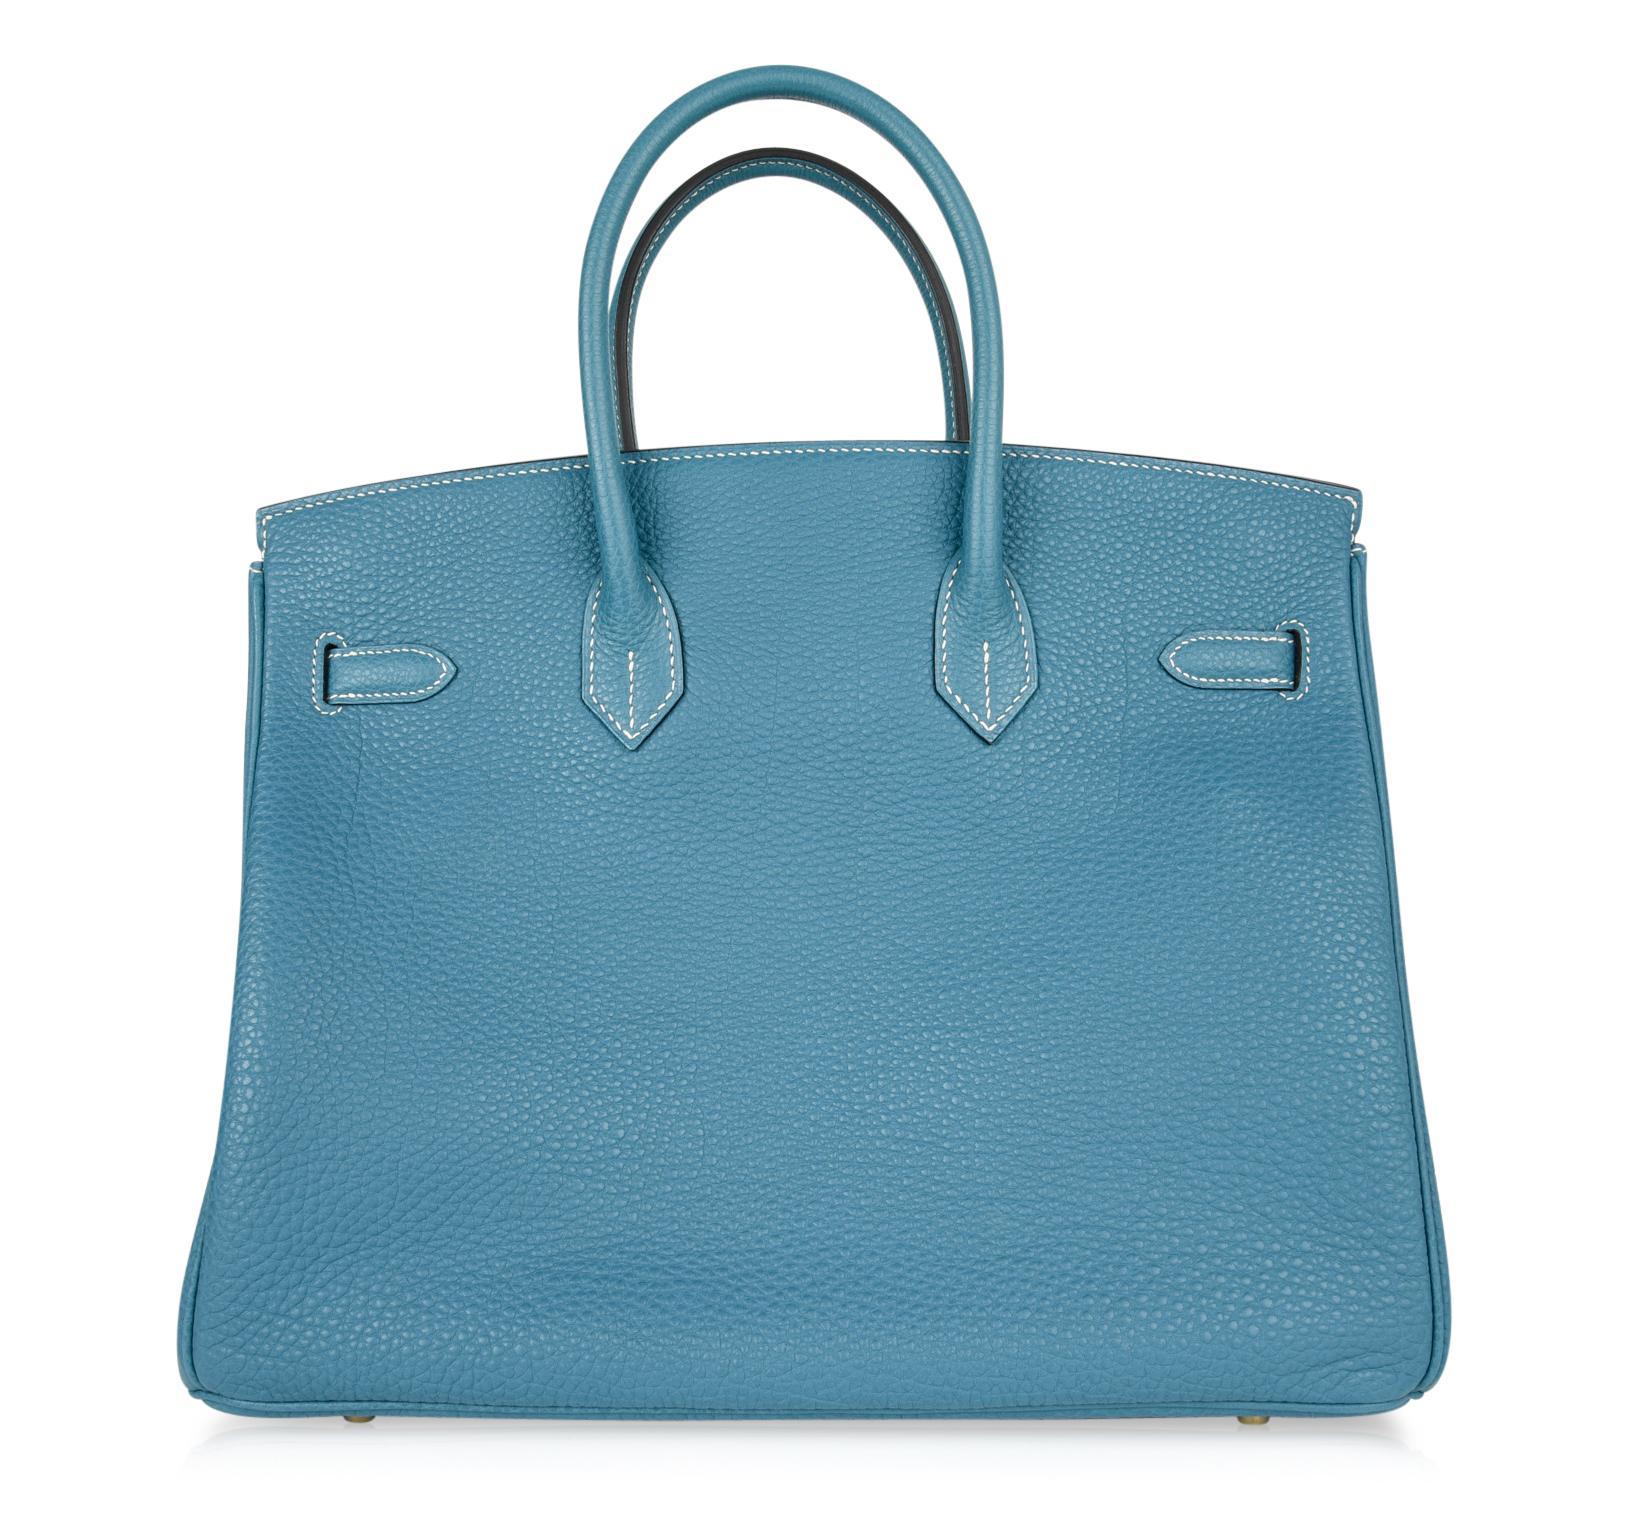 b48844d3f37d Hermes Birkin 35 Bag Iconic Blue Jean Togo Gold Hardware Rare For Sale at  1stdibs